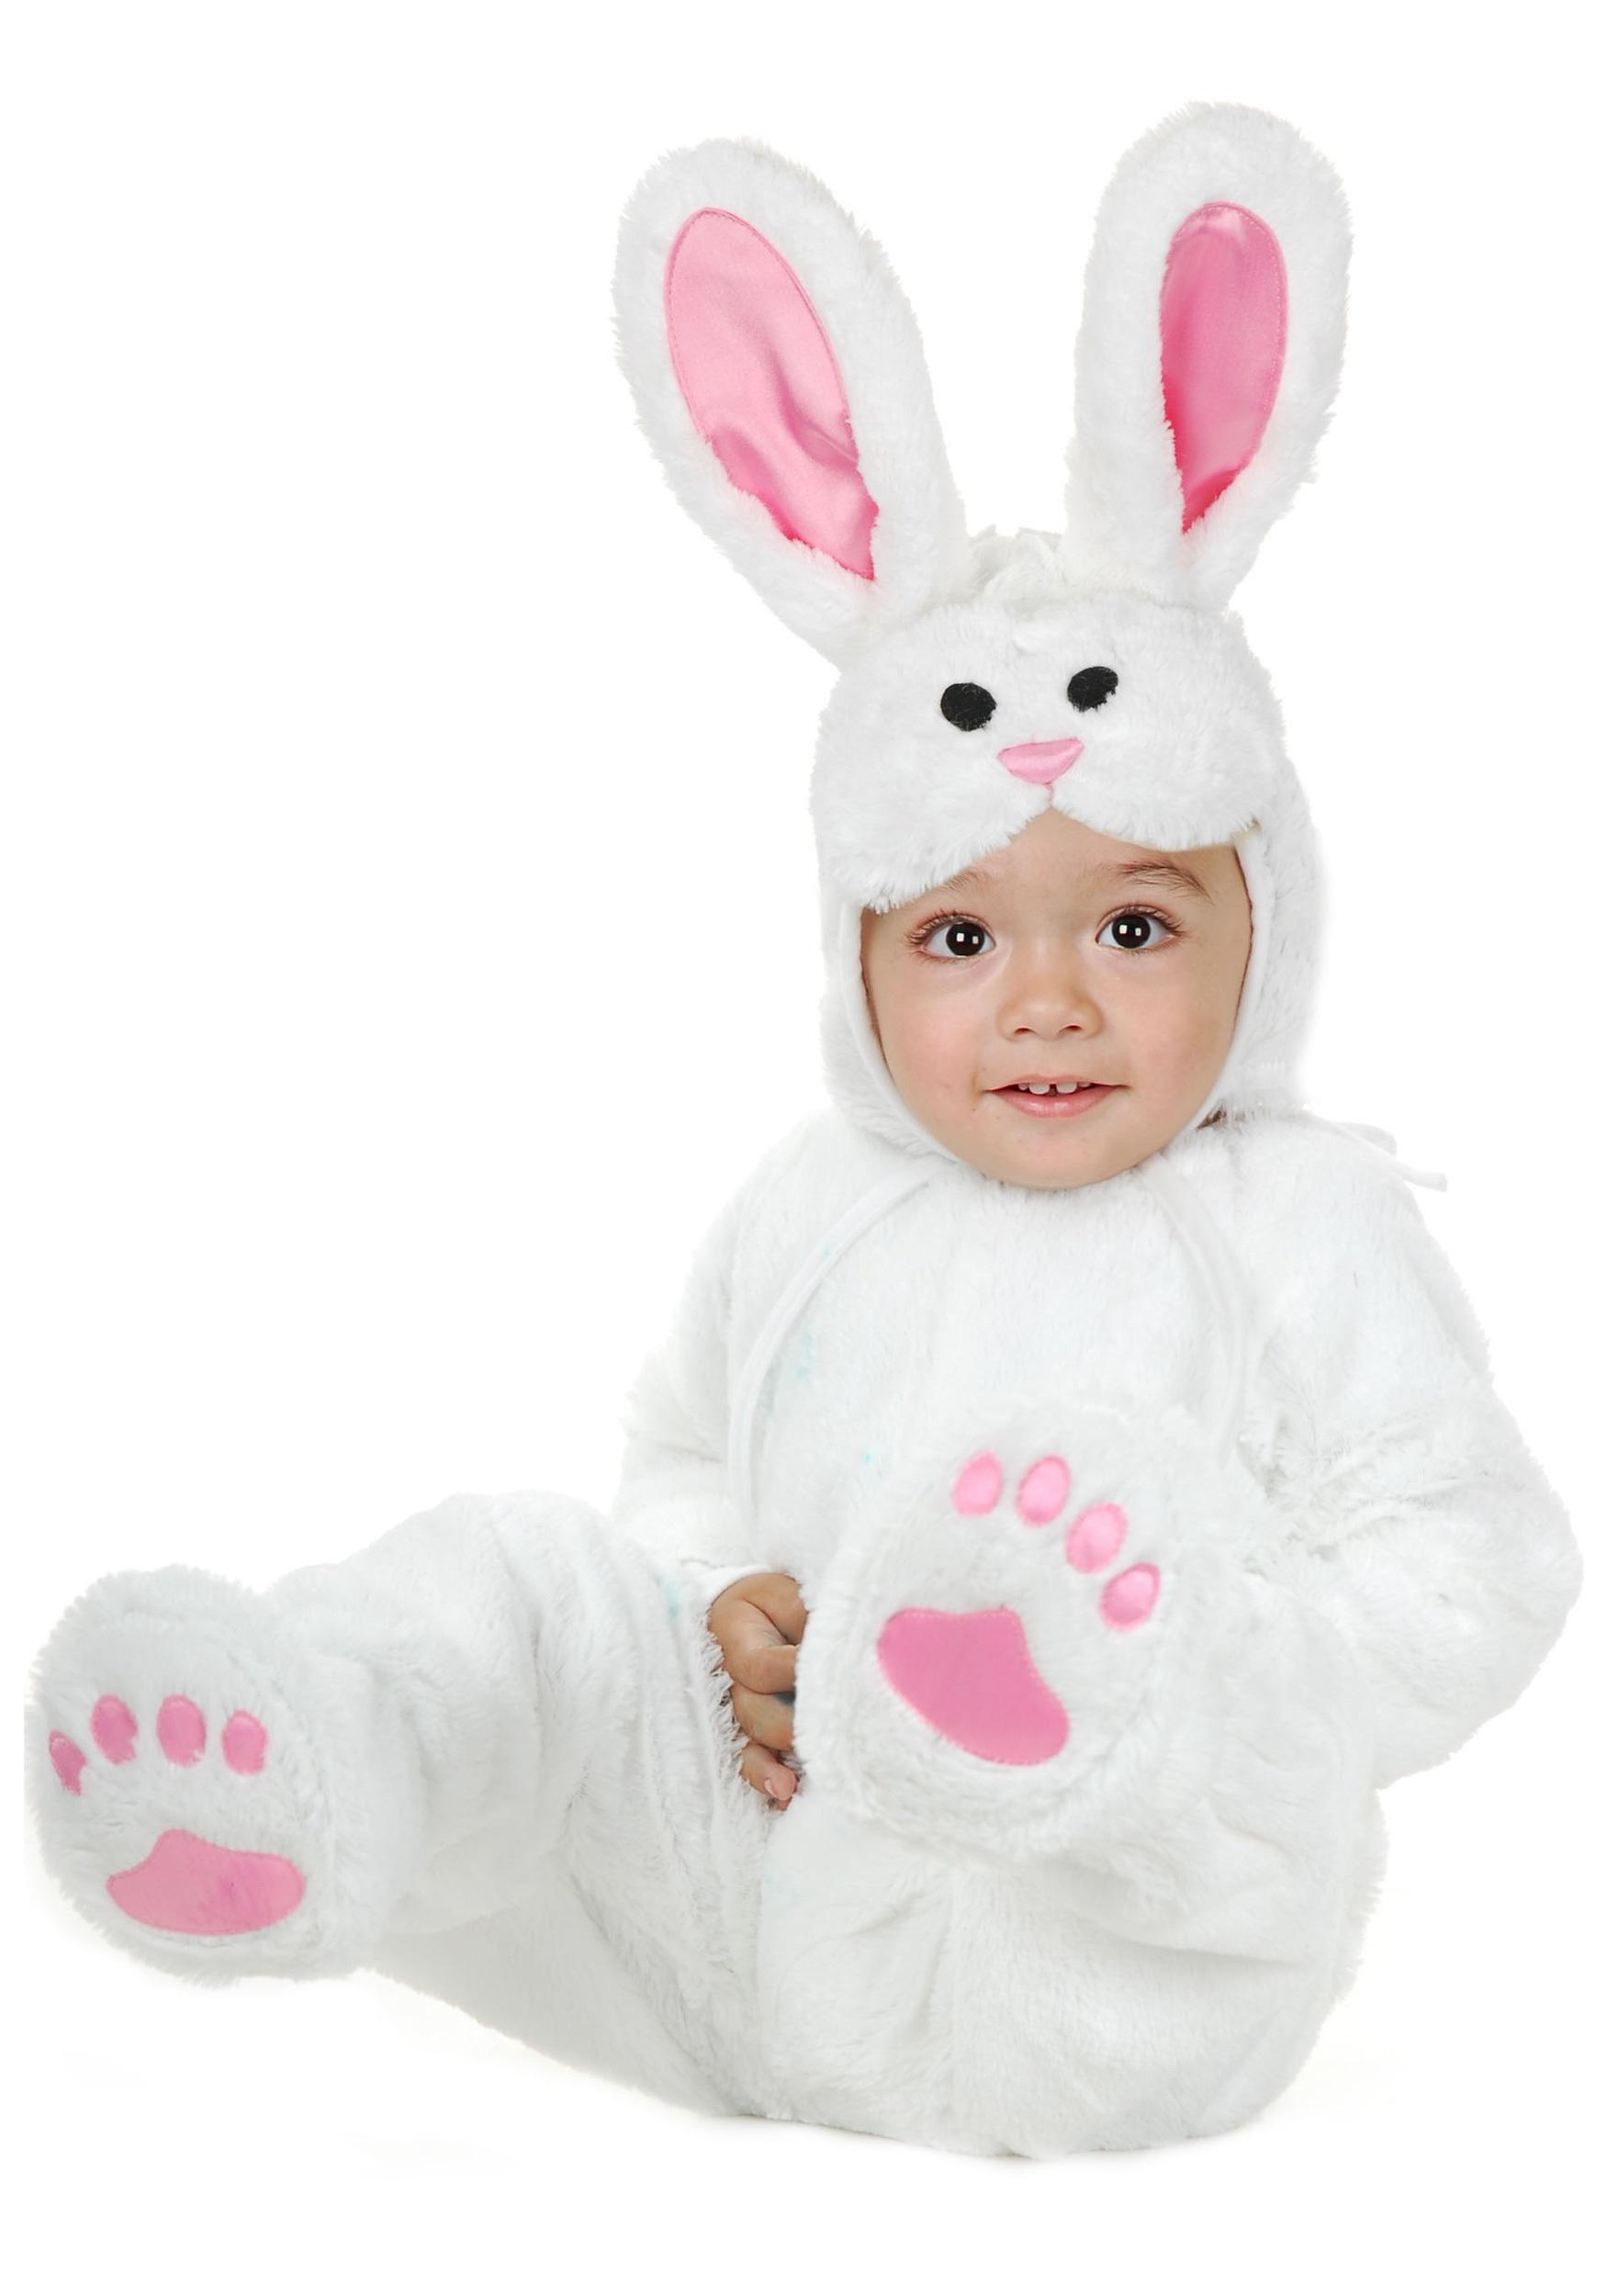 Springtime Bunny Costume  sc 1 st  Fun.com & Bunny Springtime Costume